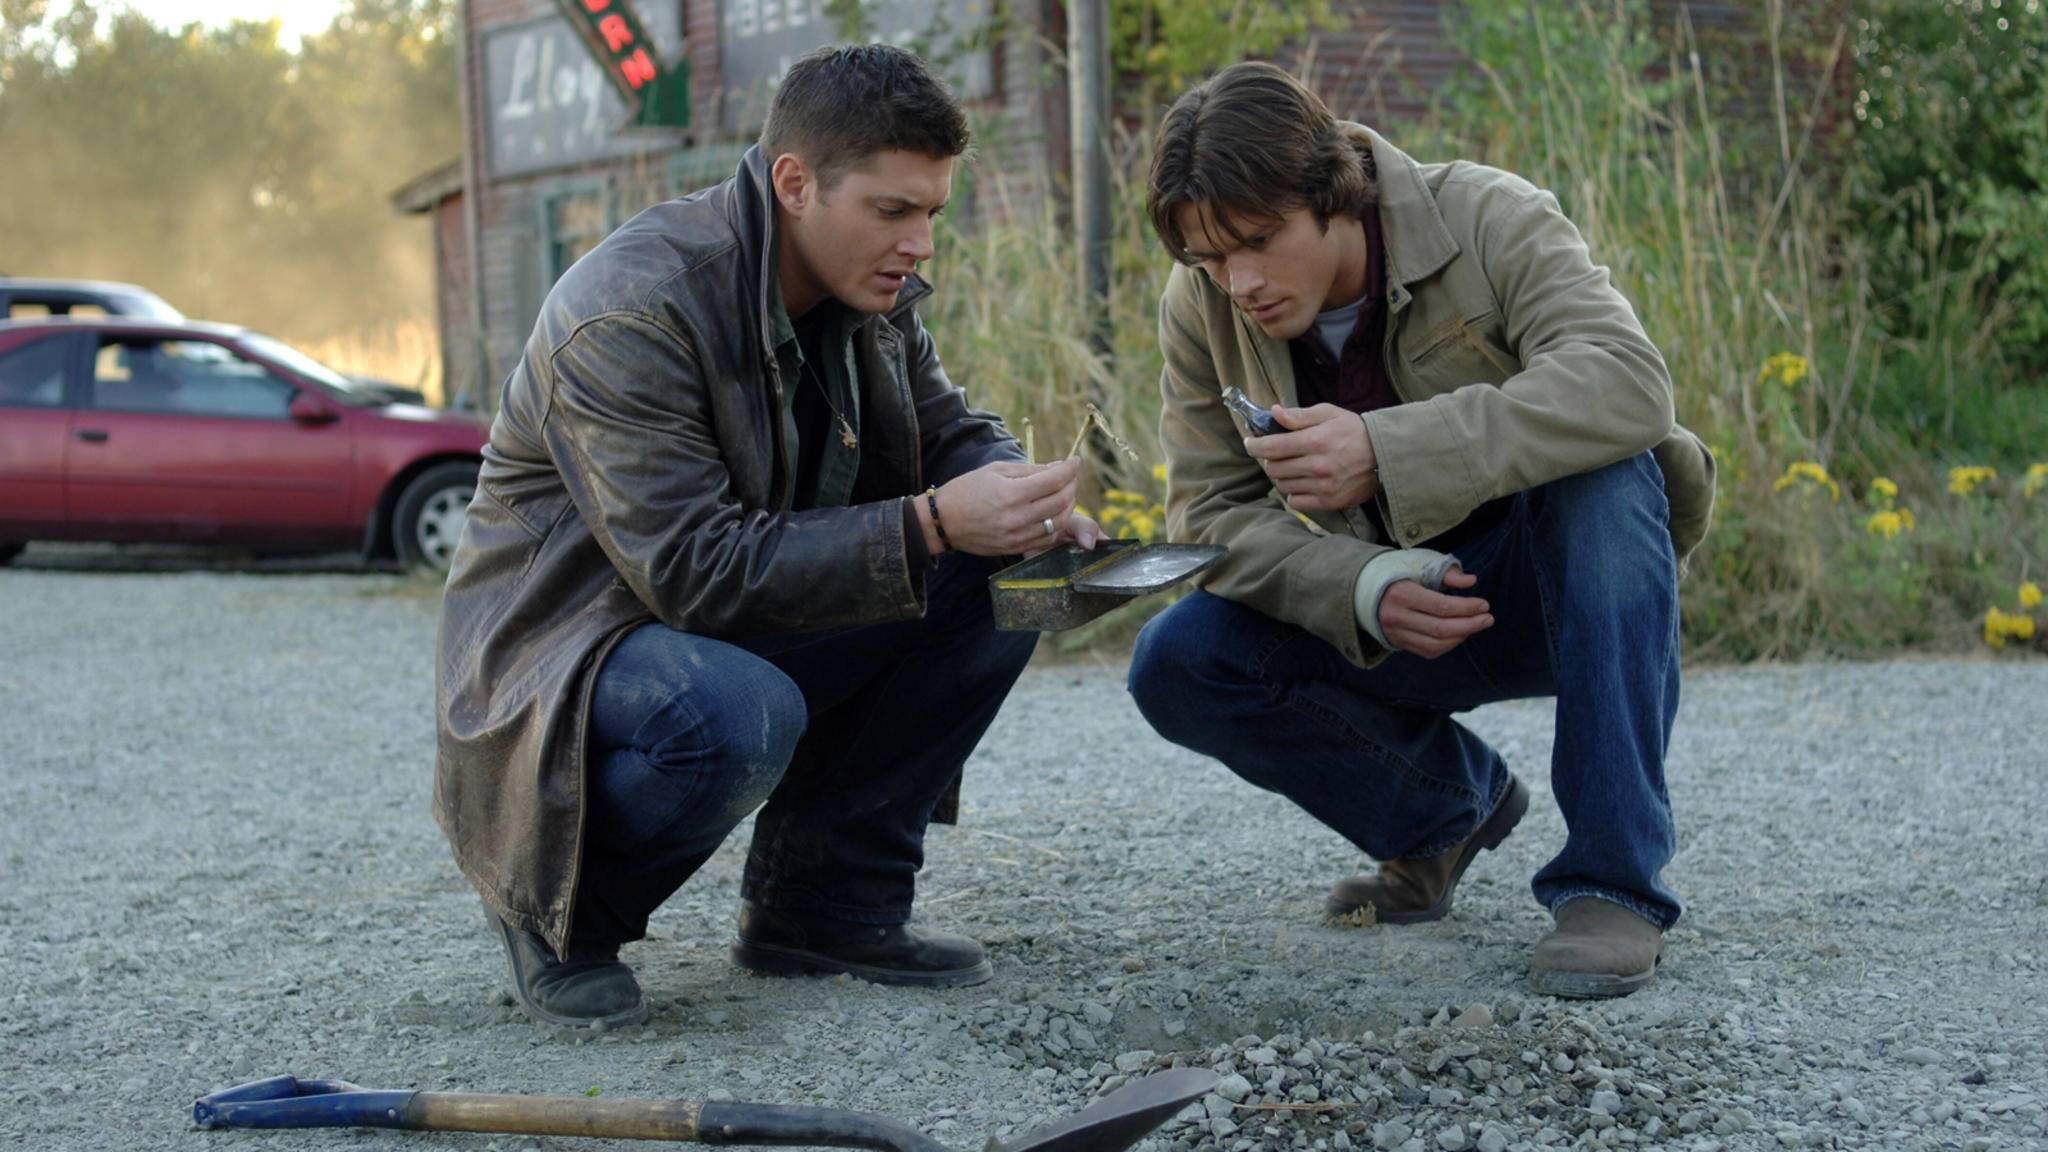 Ja, was haben wir denn da? Auf Sam und Dean könnten noch viele Abenteuer warten.